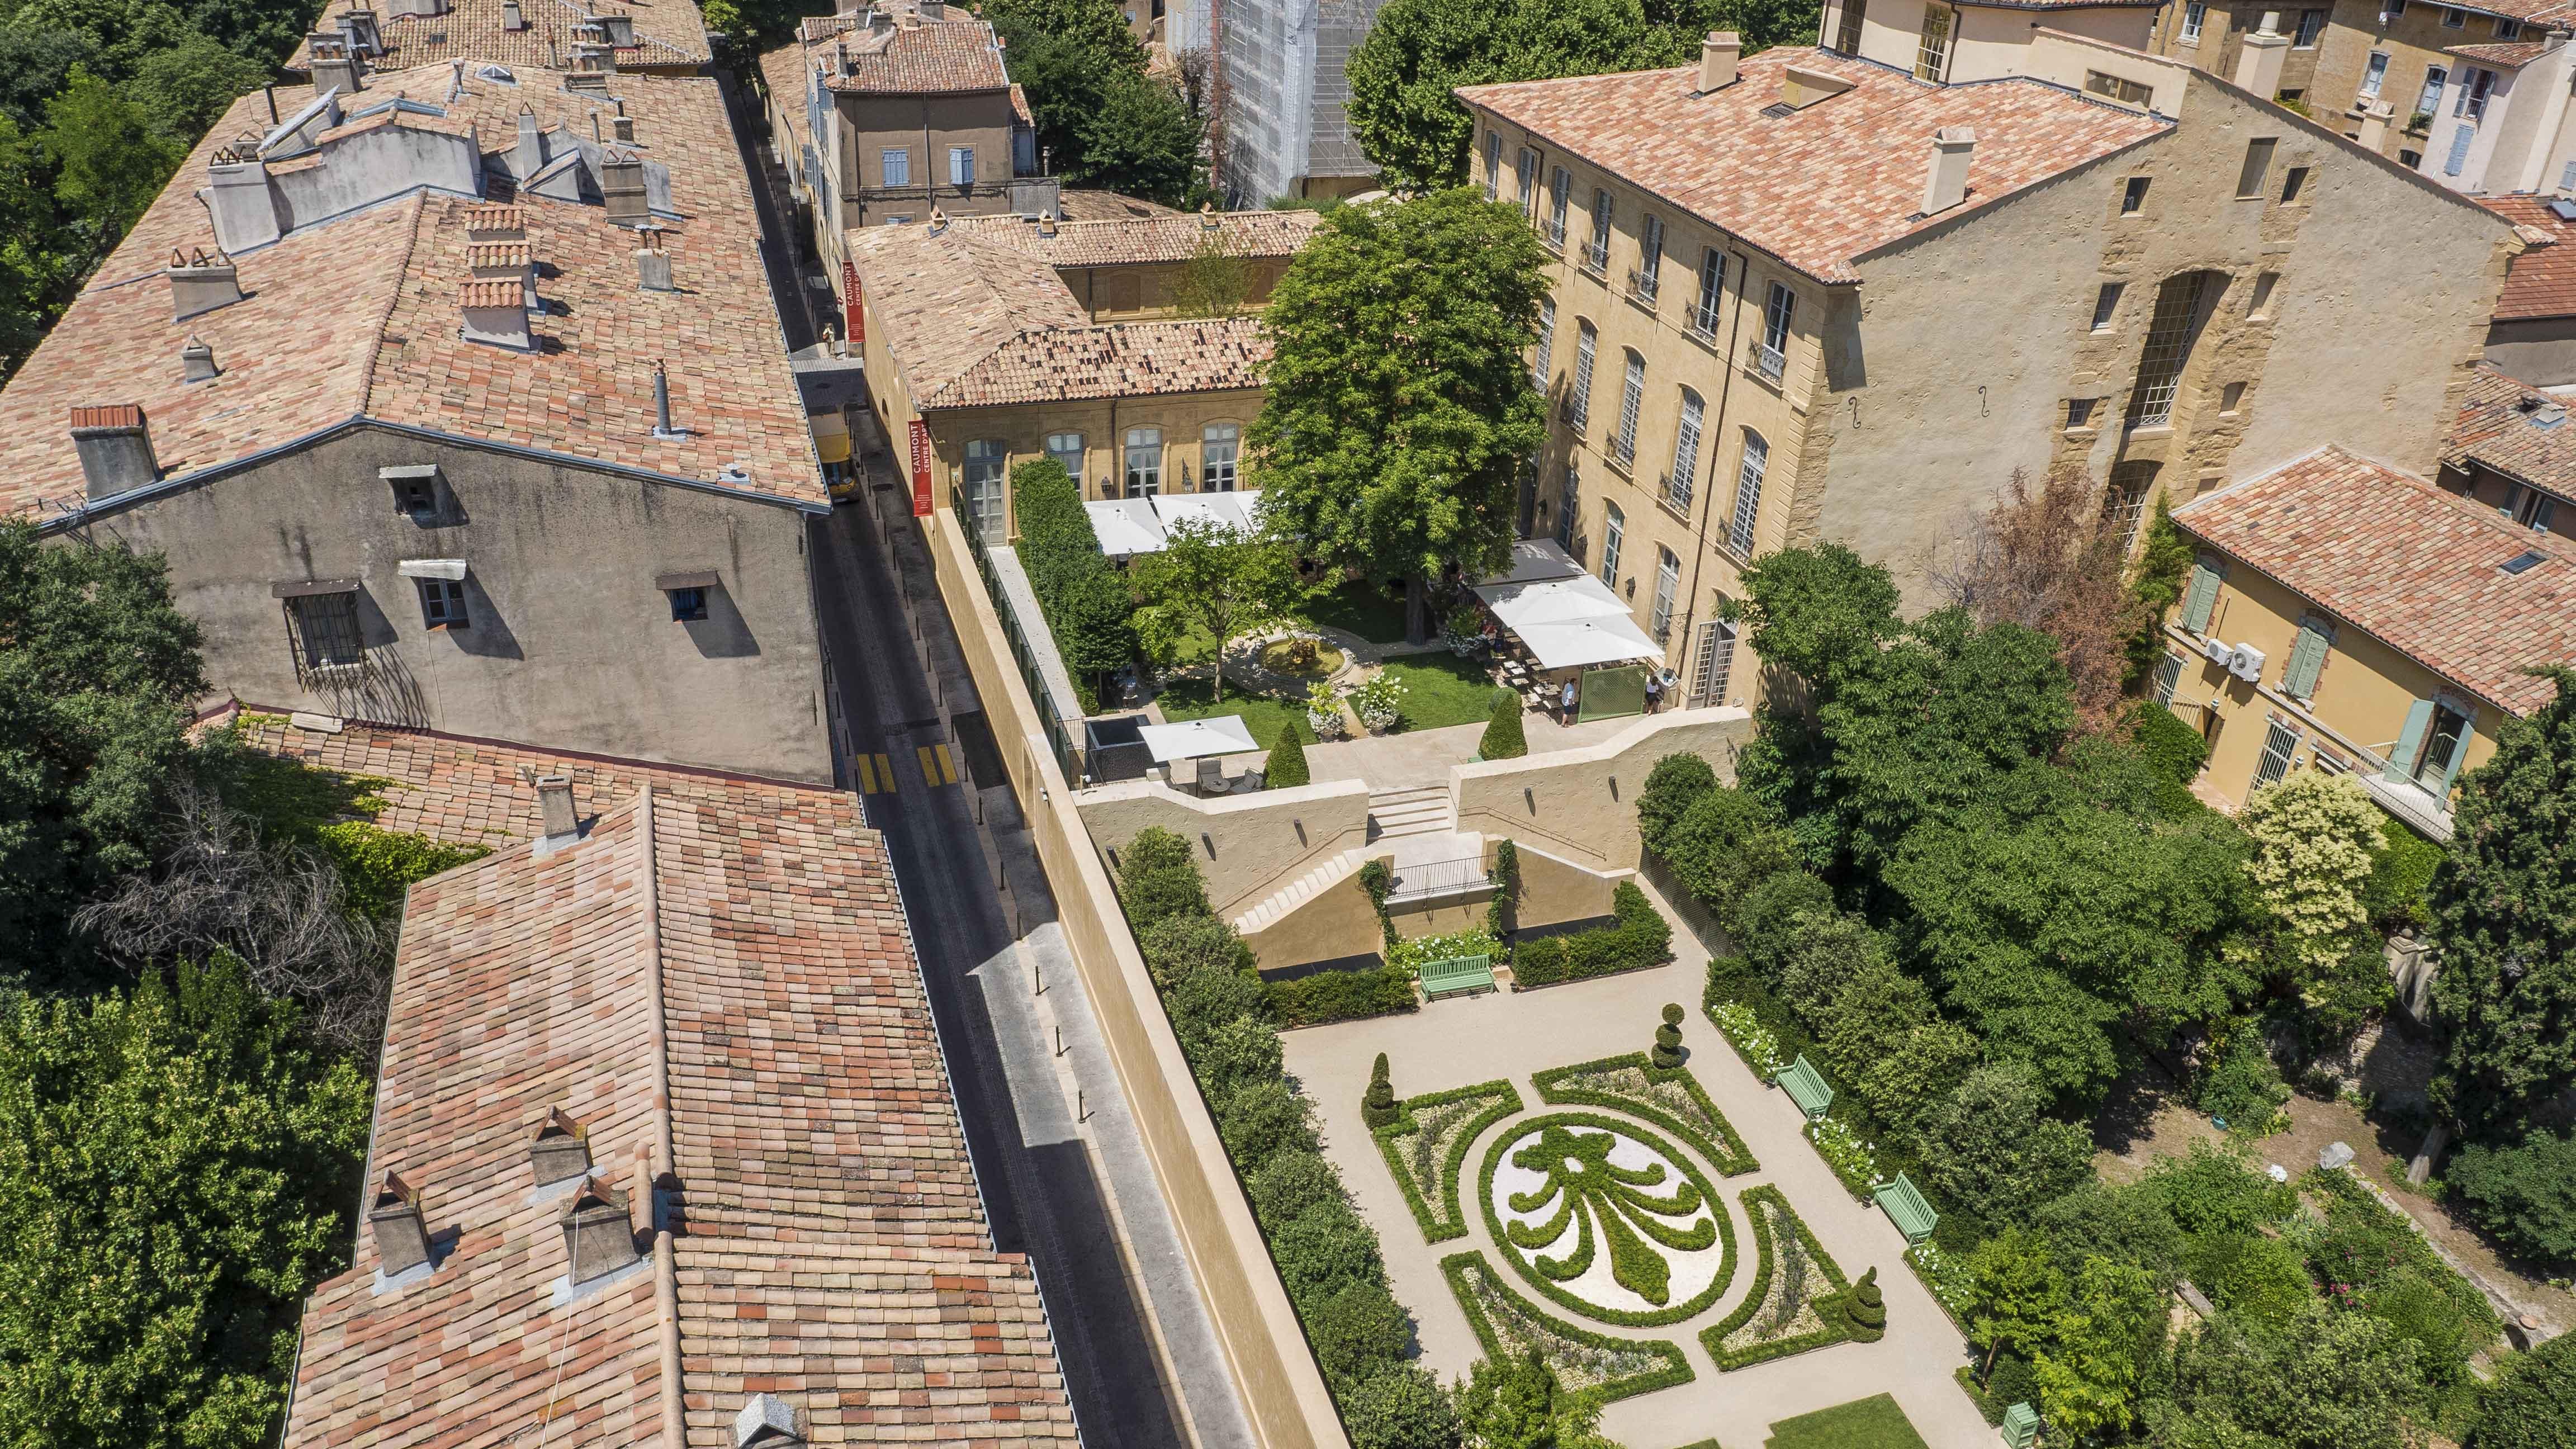 Caumont centre d 39 art questions christophe aubas - Hotel de caumont aix en provence ...